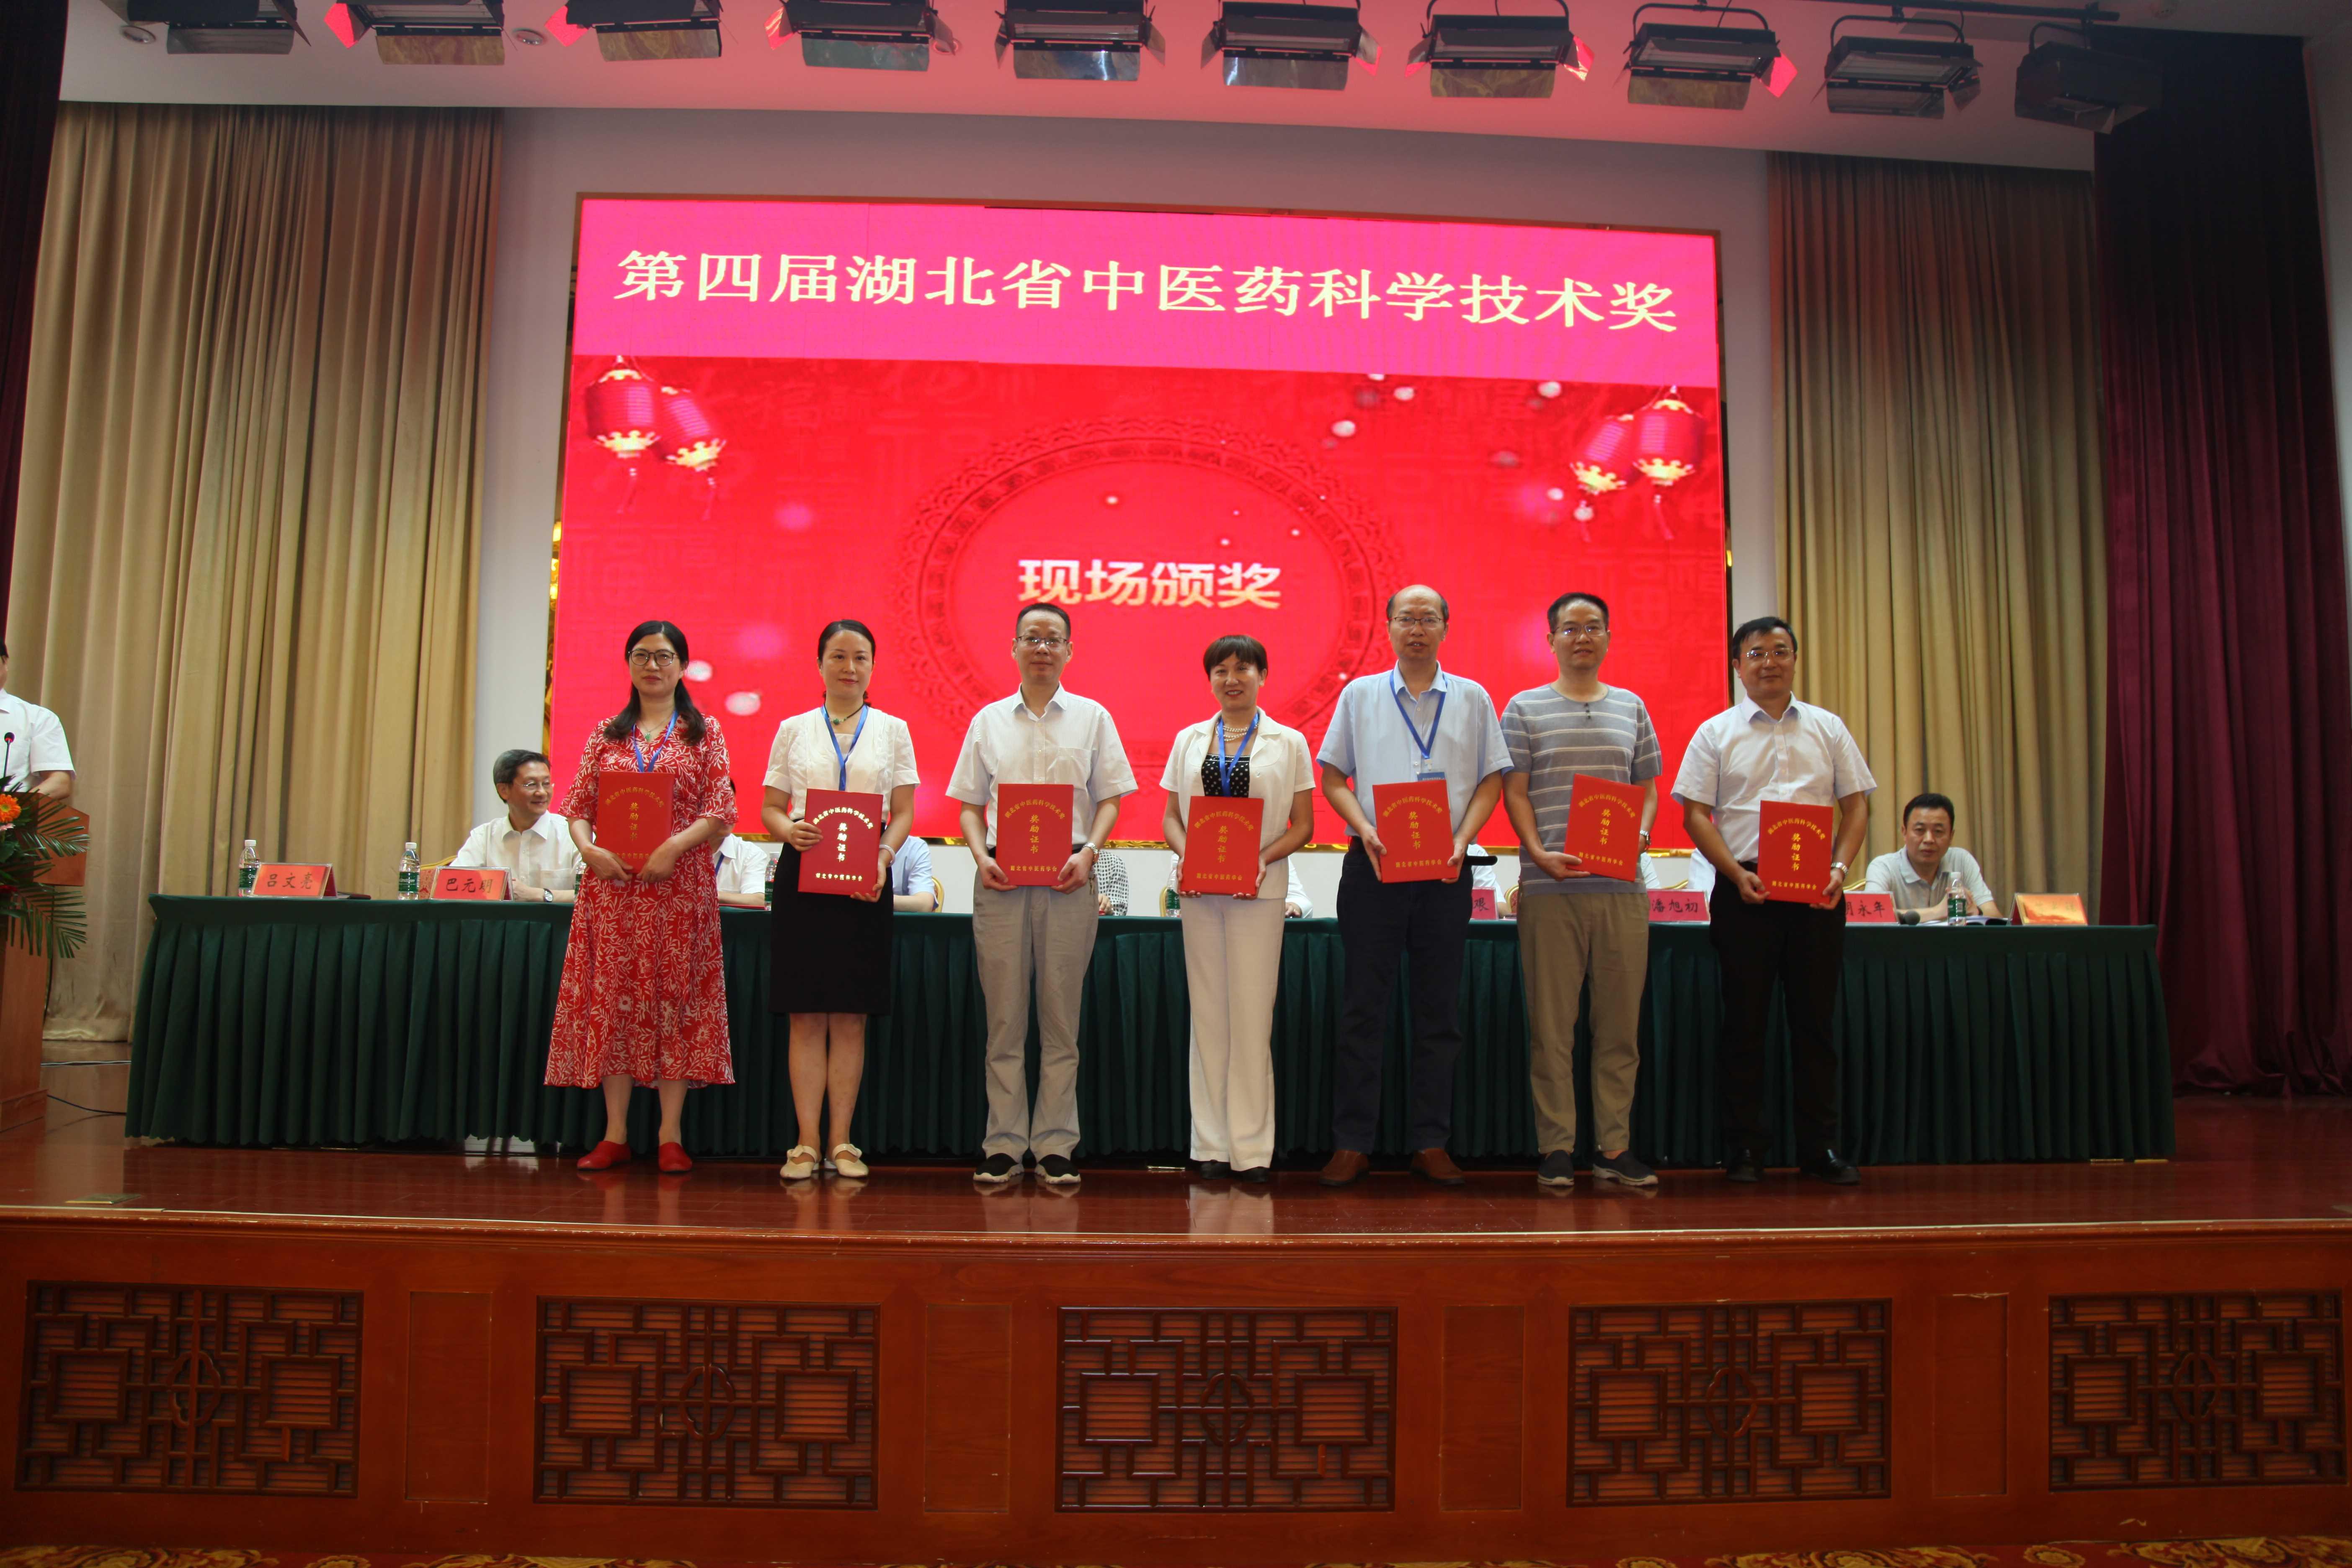 湖北省中医药科学技术奖颁奖现场-三等奖